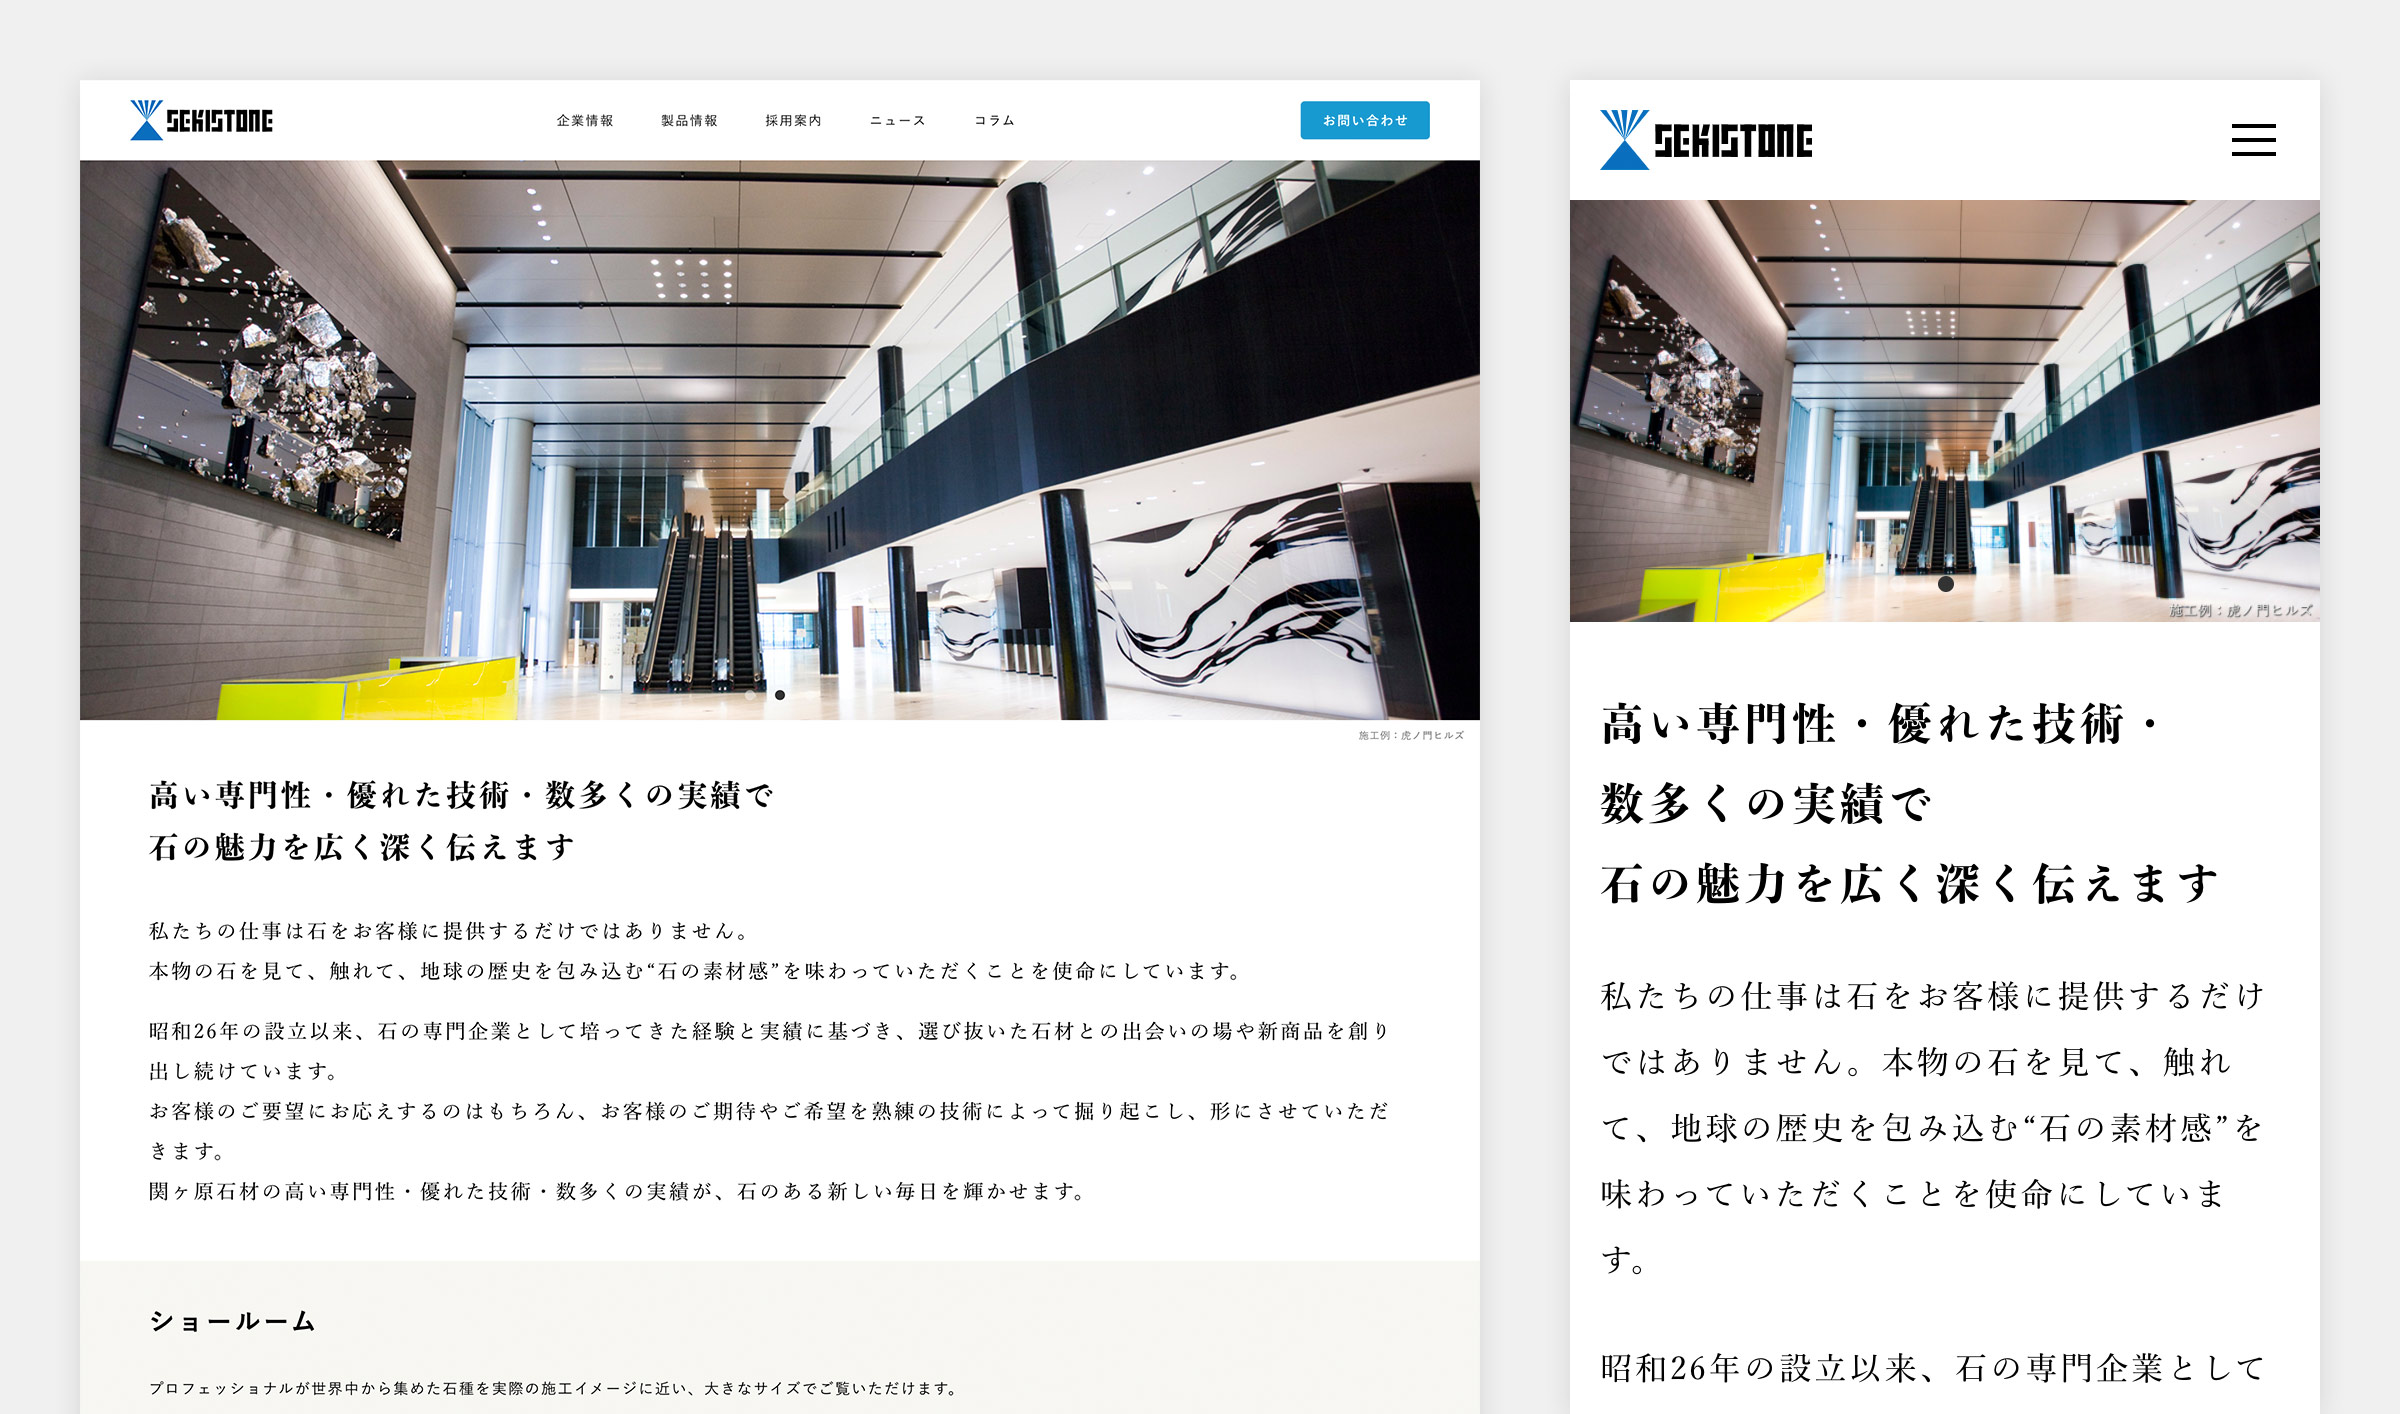 関ヶ原石材株式会社